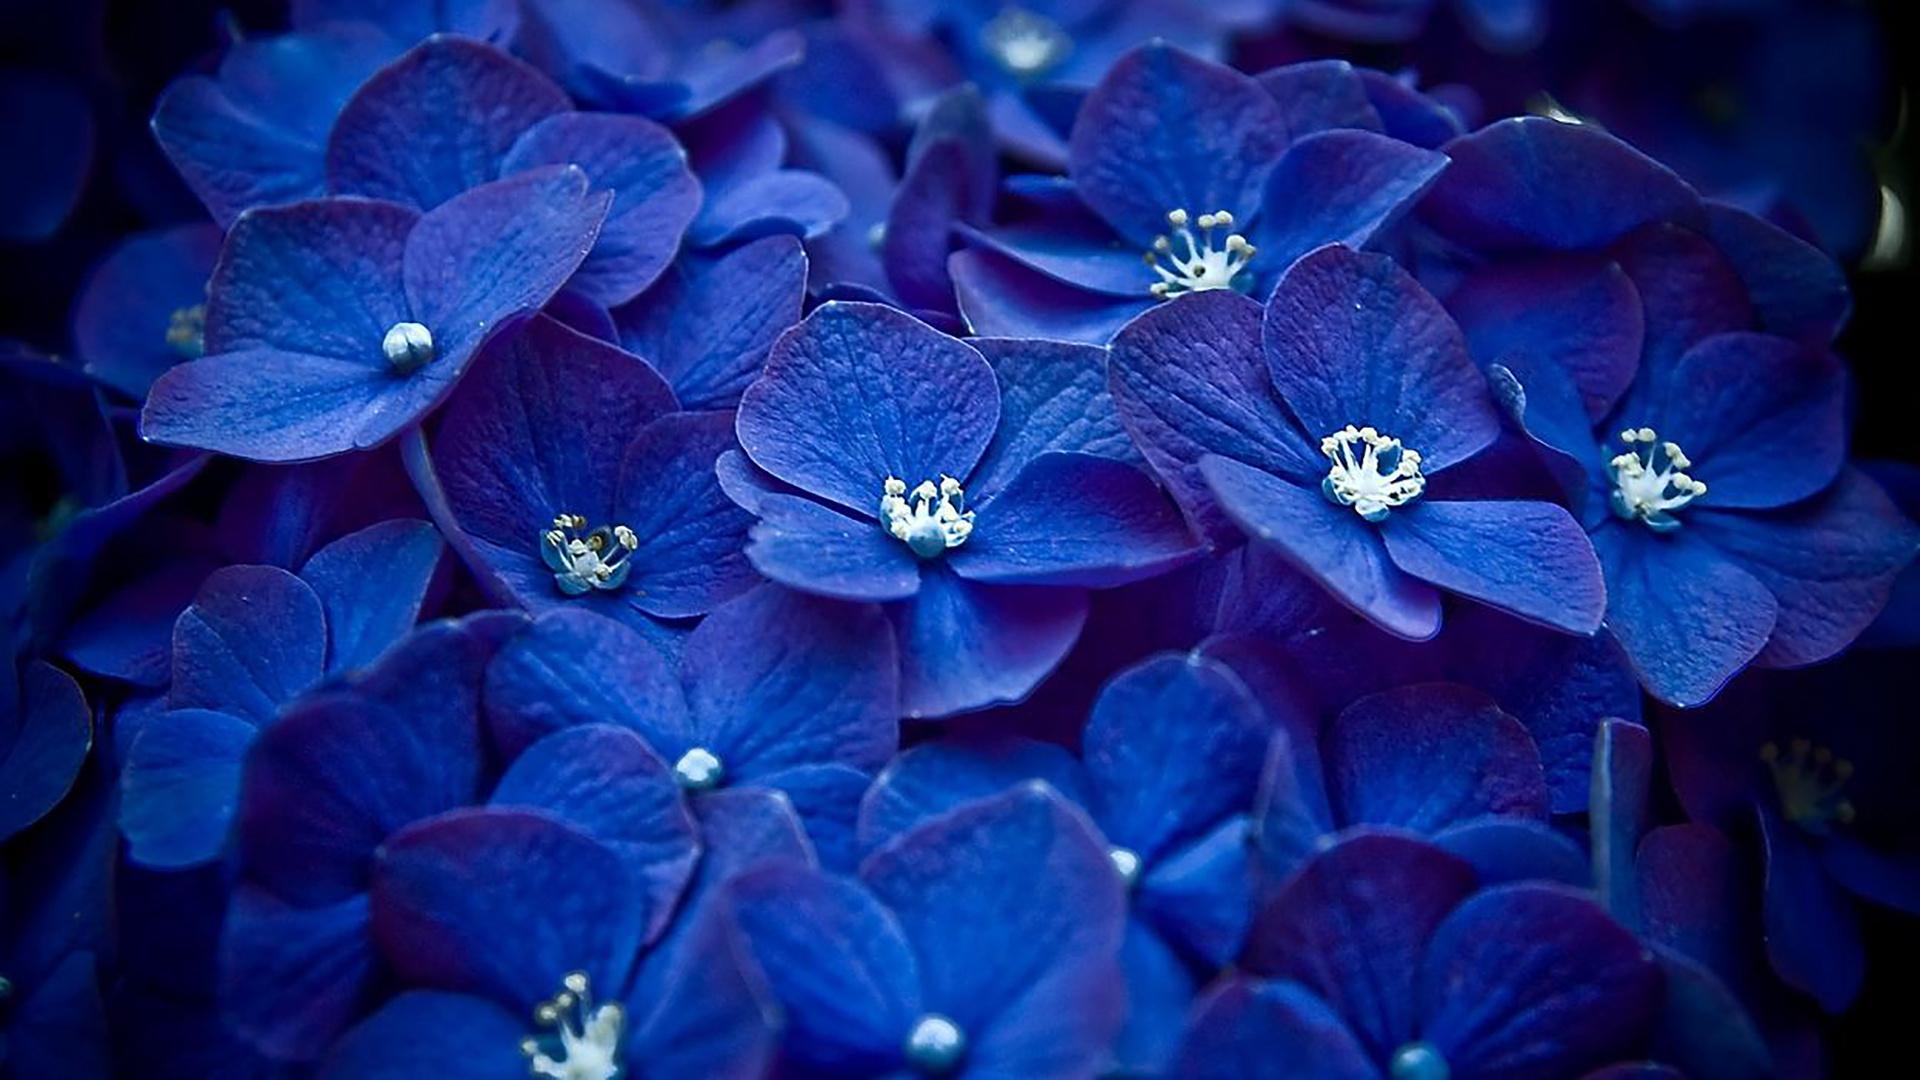 вас просто красивые картинки на синем фоне фото вытянутой